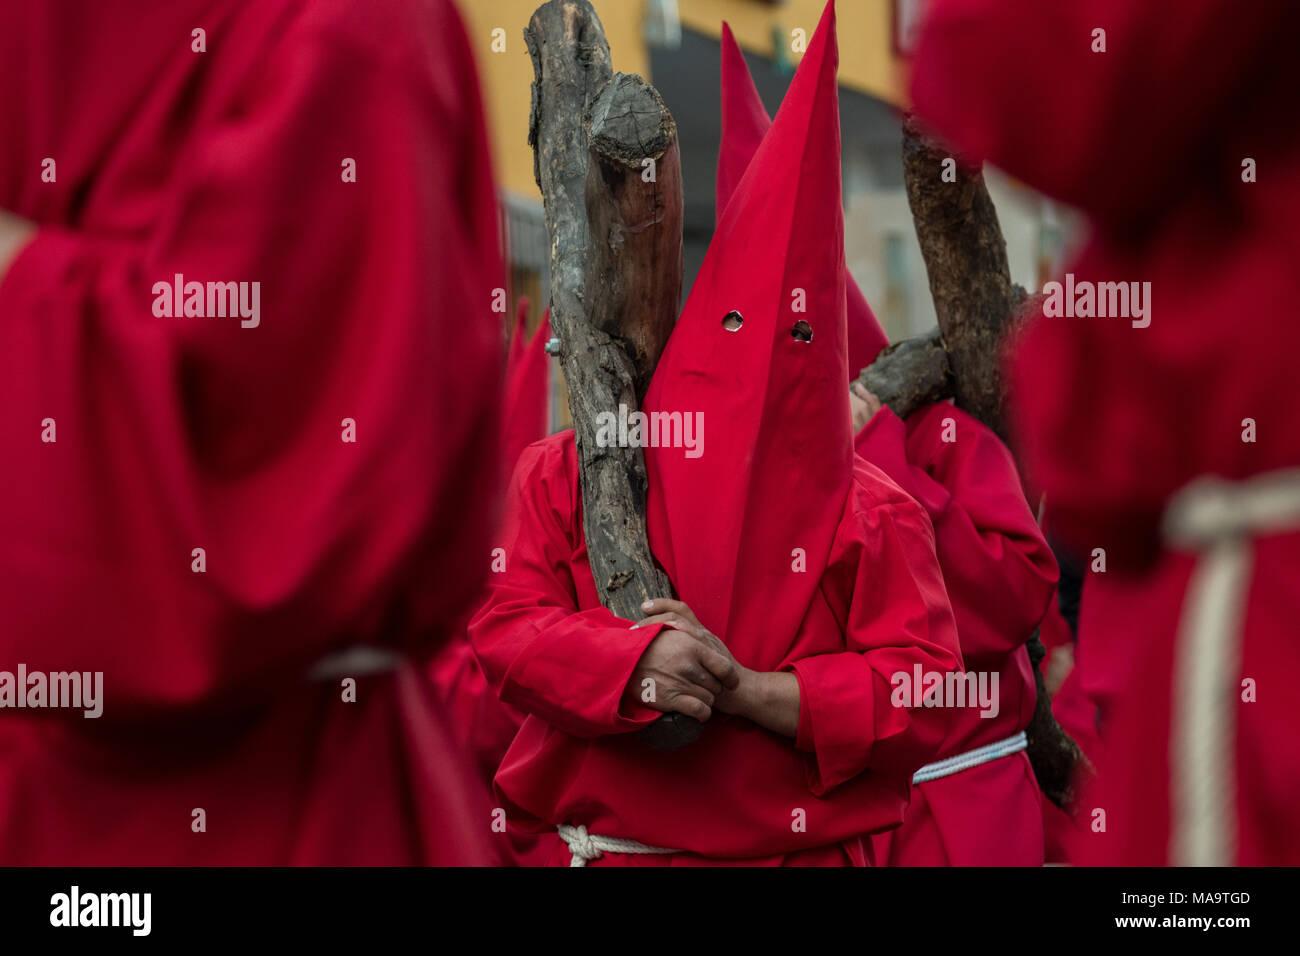 Querétaro, Mexiko, 31. Feb 2018. Vermummte Büßer tragen eine schwere hölzerne Kreuze durch die Straßen der Stadt während der Prozession der Stille als Teil der Heiligen Woche März 30, 2018 in Querétaro, Mexiko. Die Büßer, bekannt als Nazarener, schwer tragen, Kreuze und Ketten ziehen an einem vierstündigen März den Schmerz zu erstellen und Leidens während der Passion Christi. Credit: Planetpix/Alamy leben Nachrichten Stockfoto